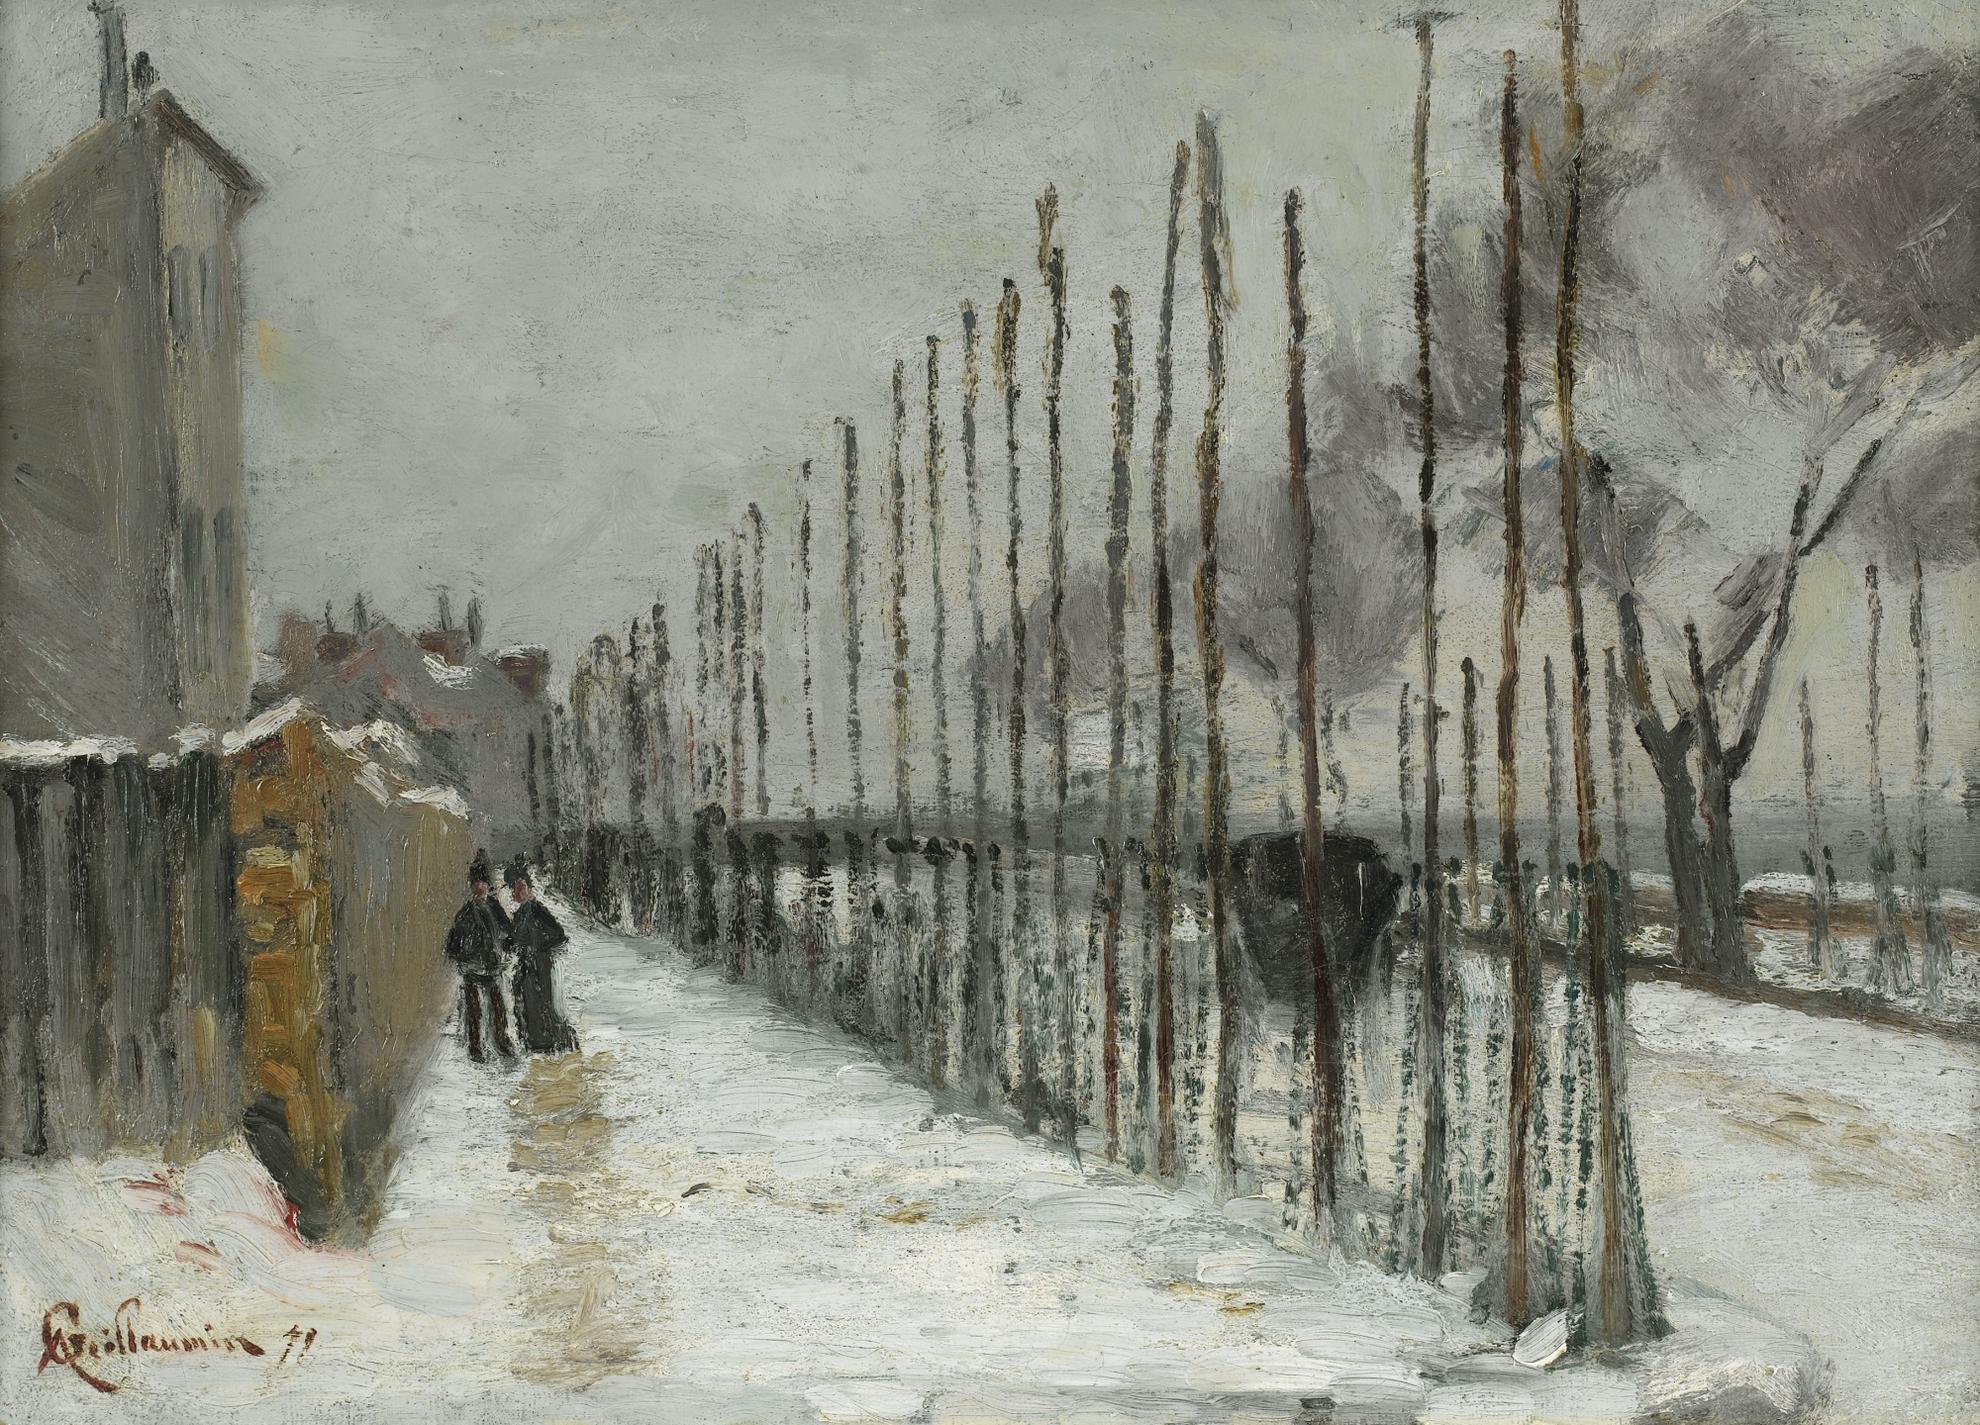 Jean-Baptiste Armand Guillaumin-Route Enneigee Aux Environs De Paris-1879